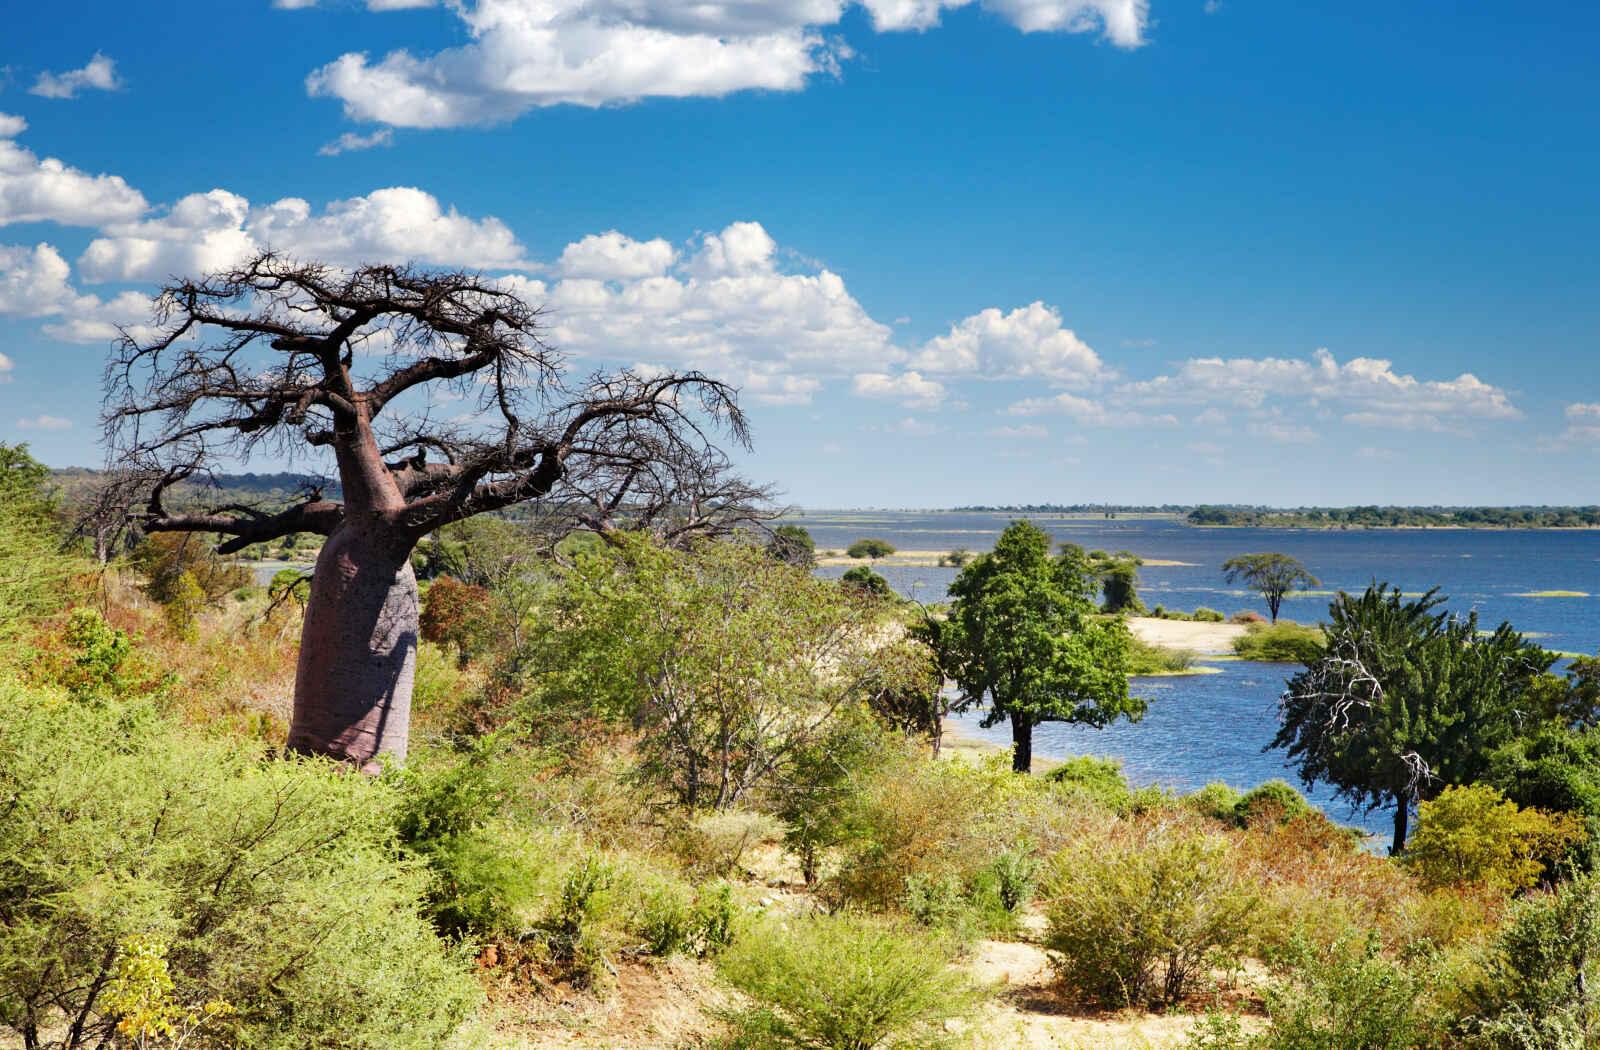 Afrique du Sud : L'Afrique australe